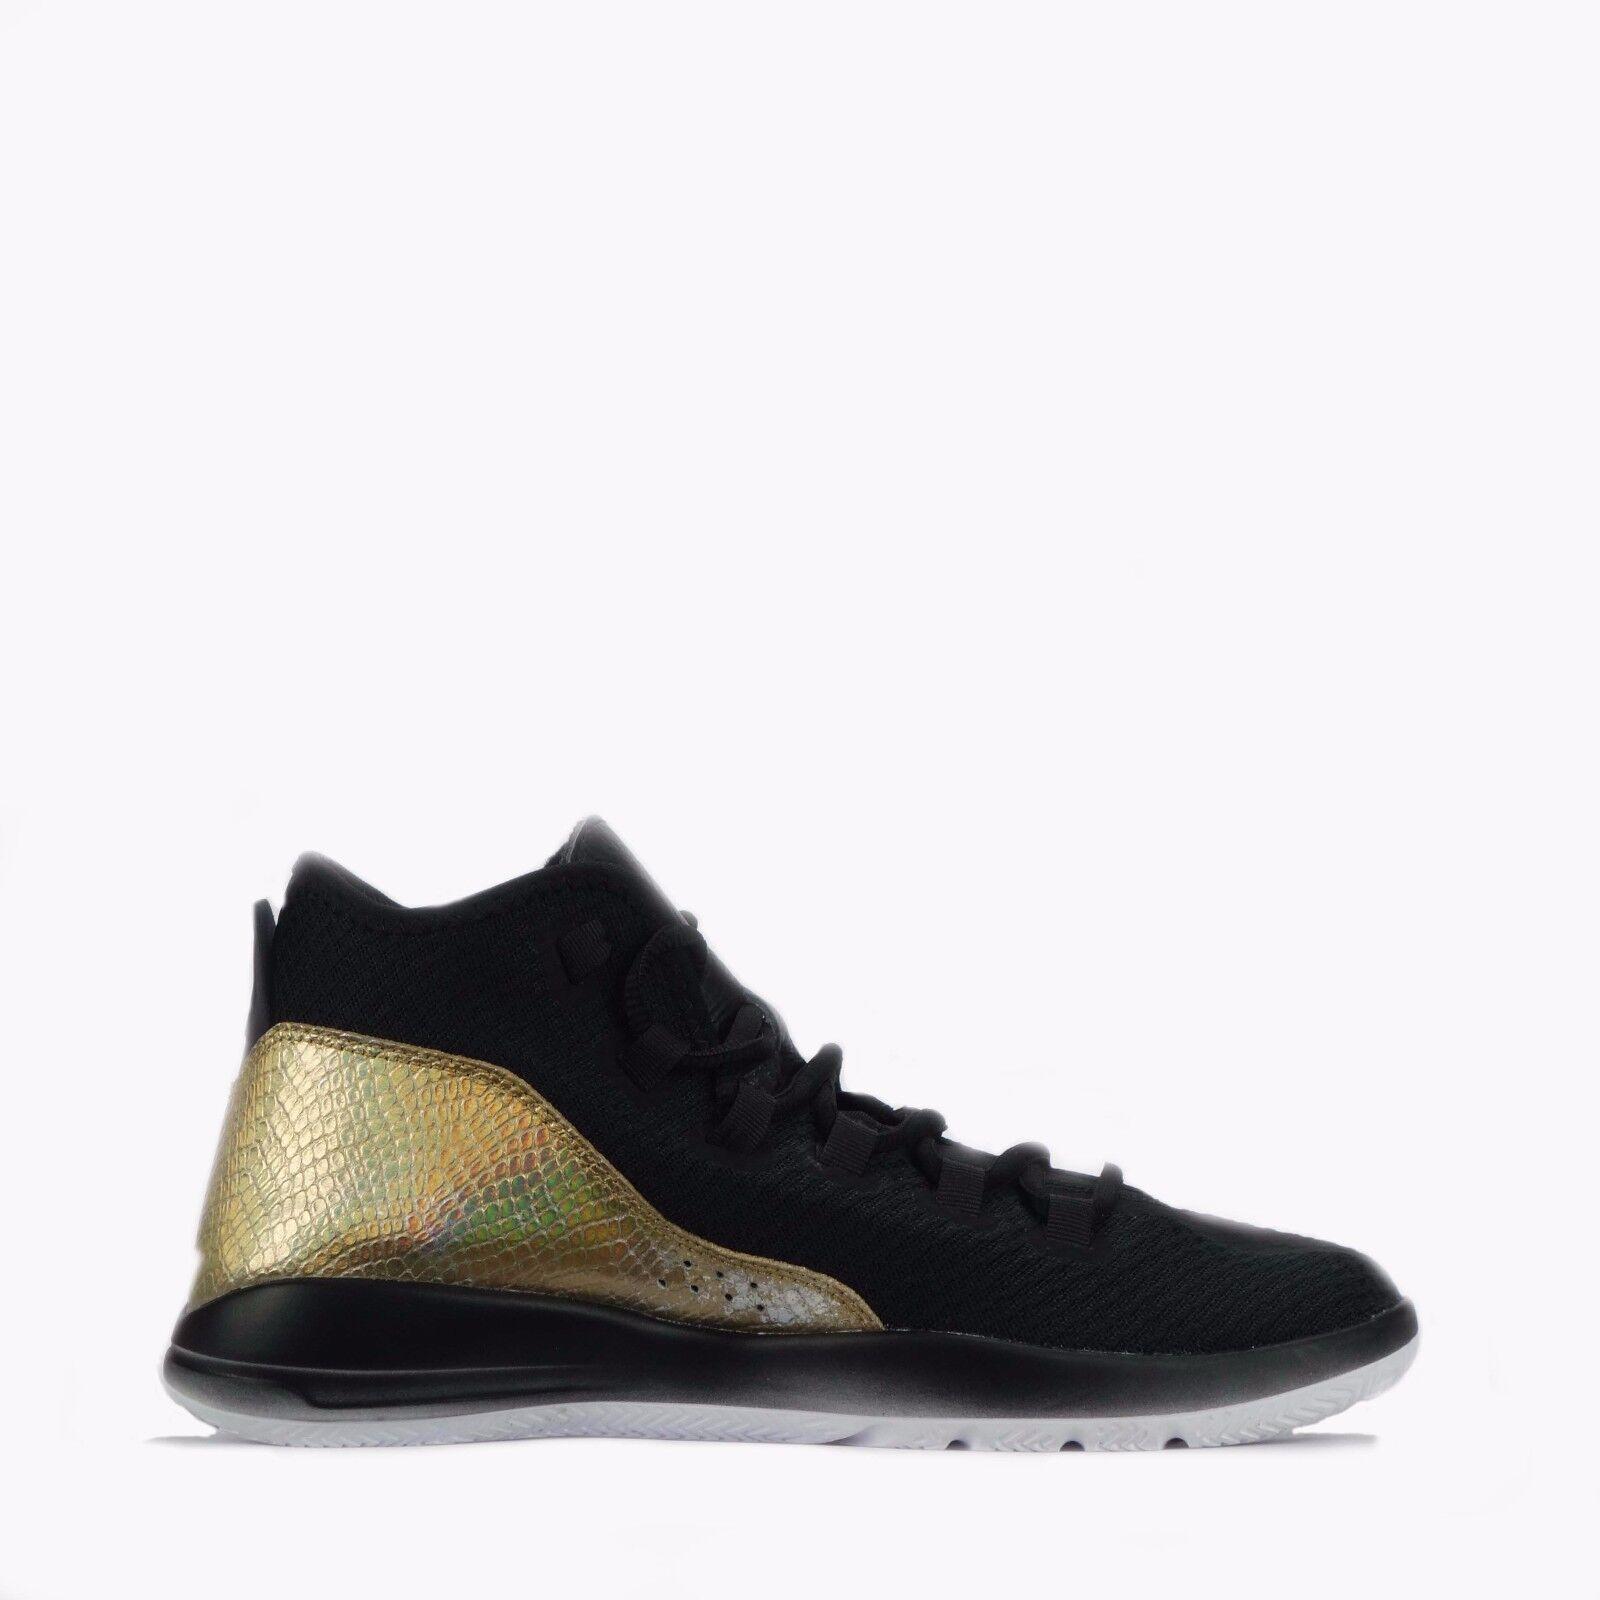 Nike jordan zeigen, zeigen, zeigen, q54 männer - trainer schwarz - metallic gold ef3b24